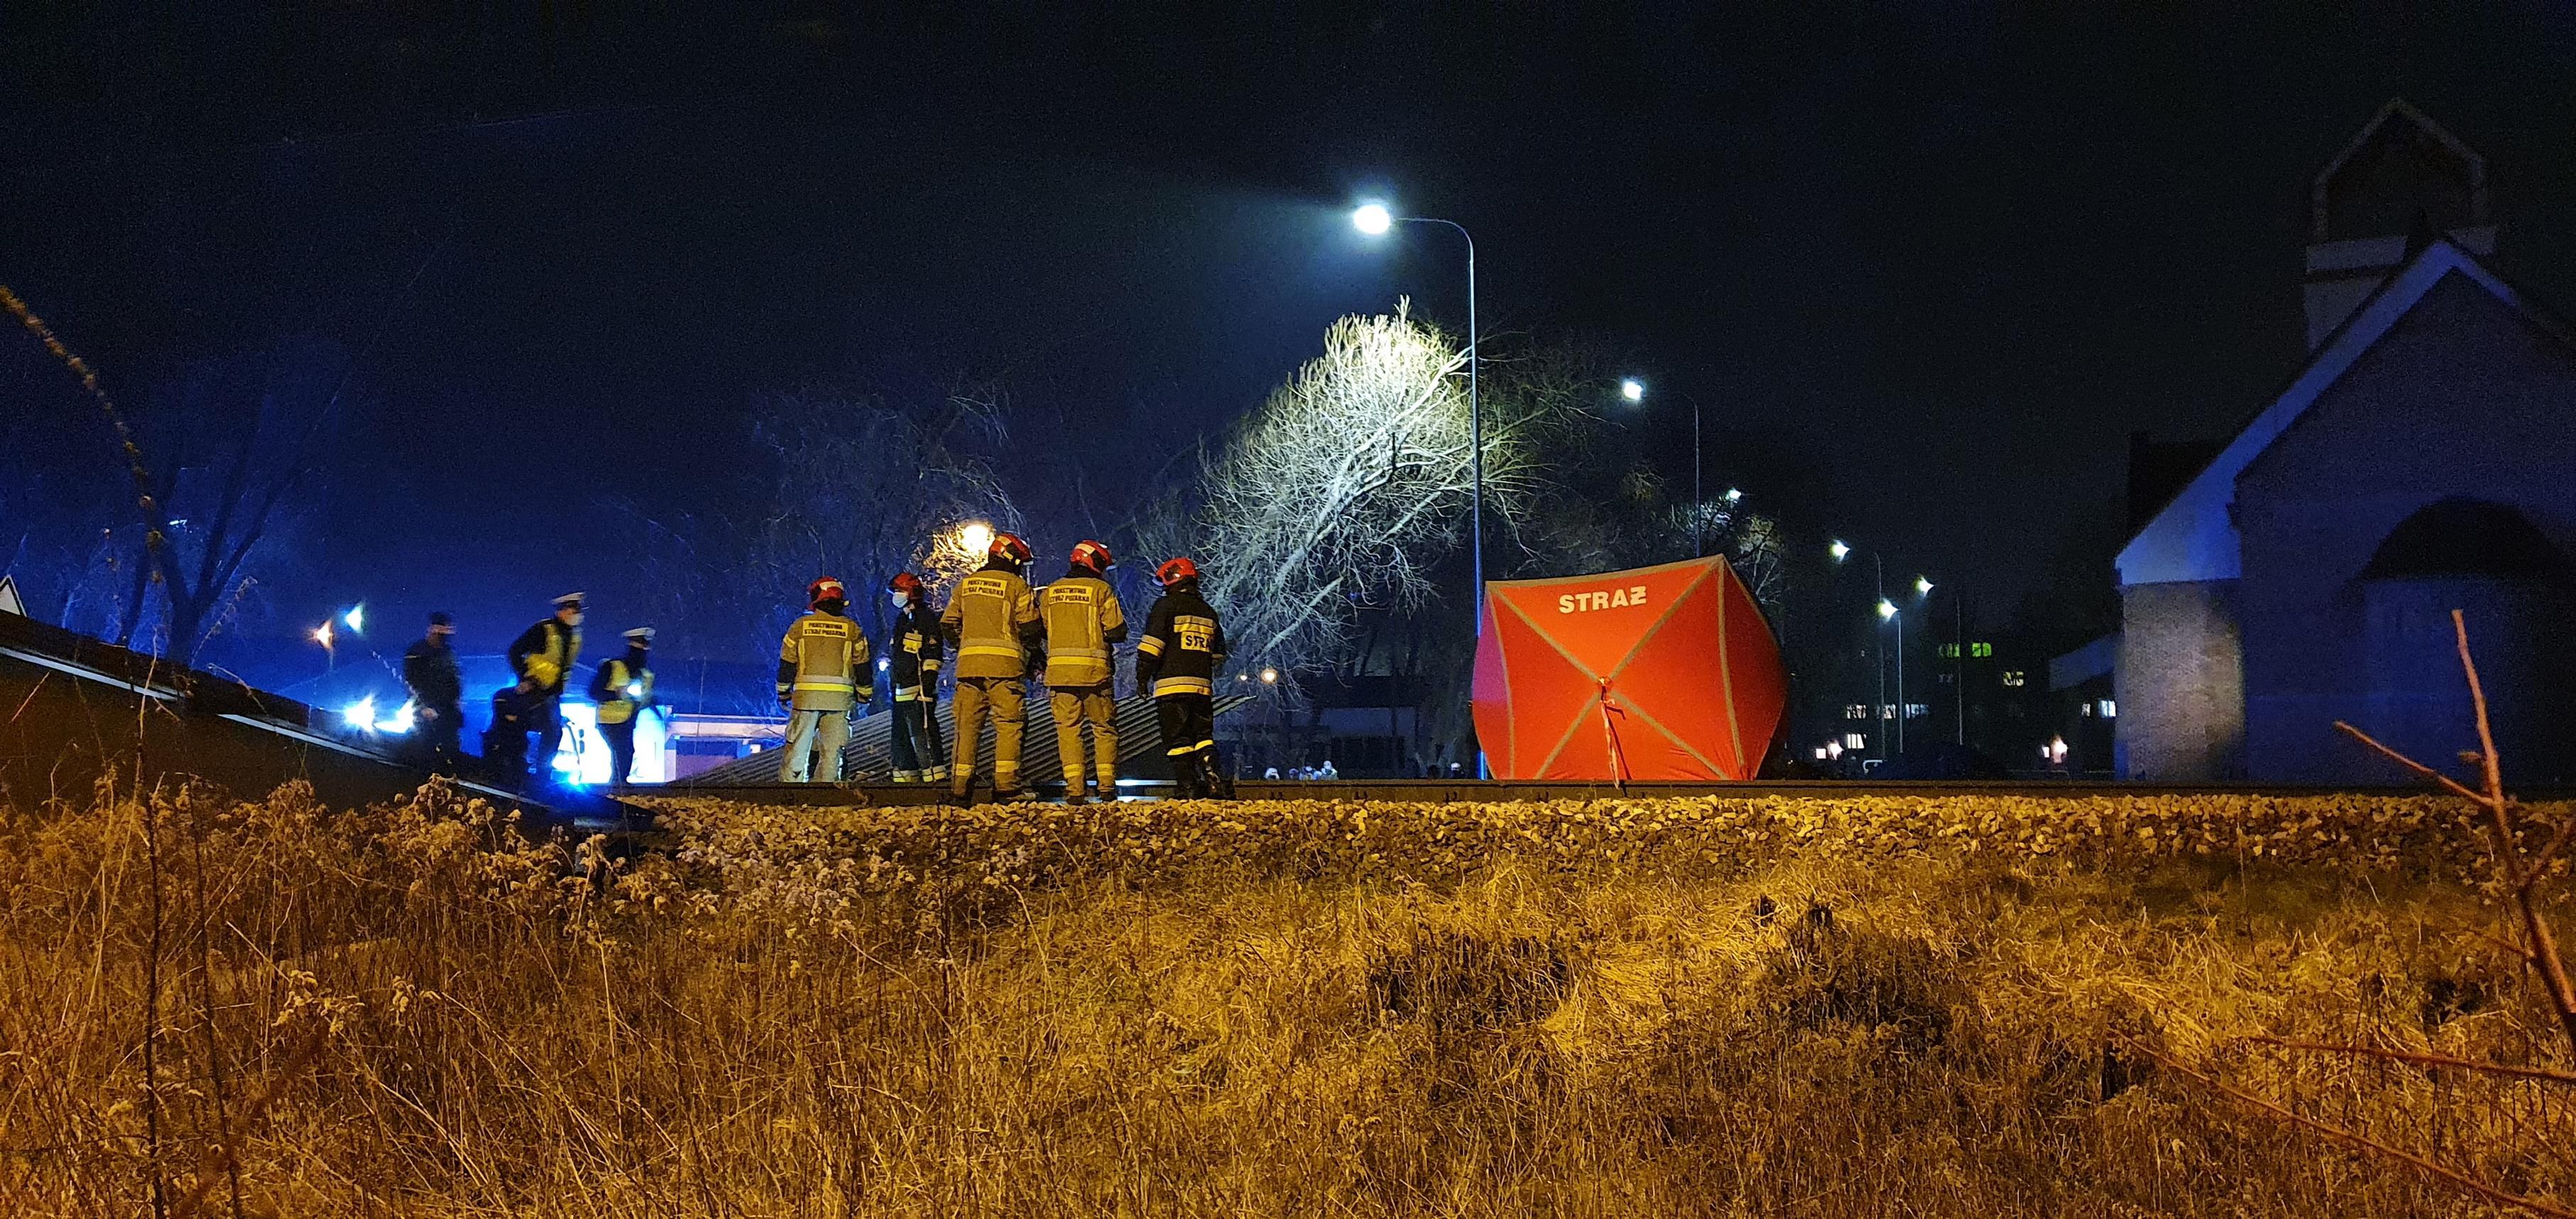 Tragedia na torach w Płocku. Człowiek wbiegł przed szynobus [FOTO] - Zdjęcie główne